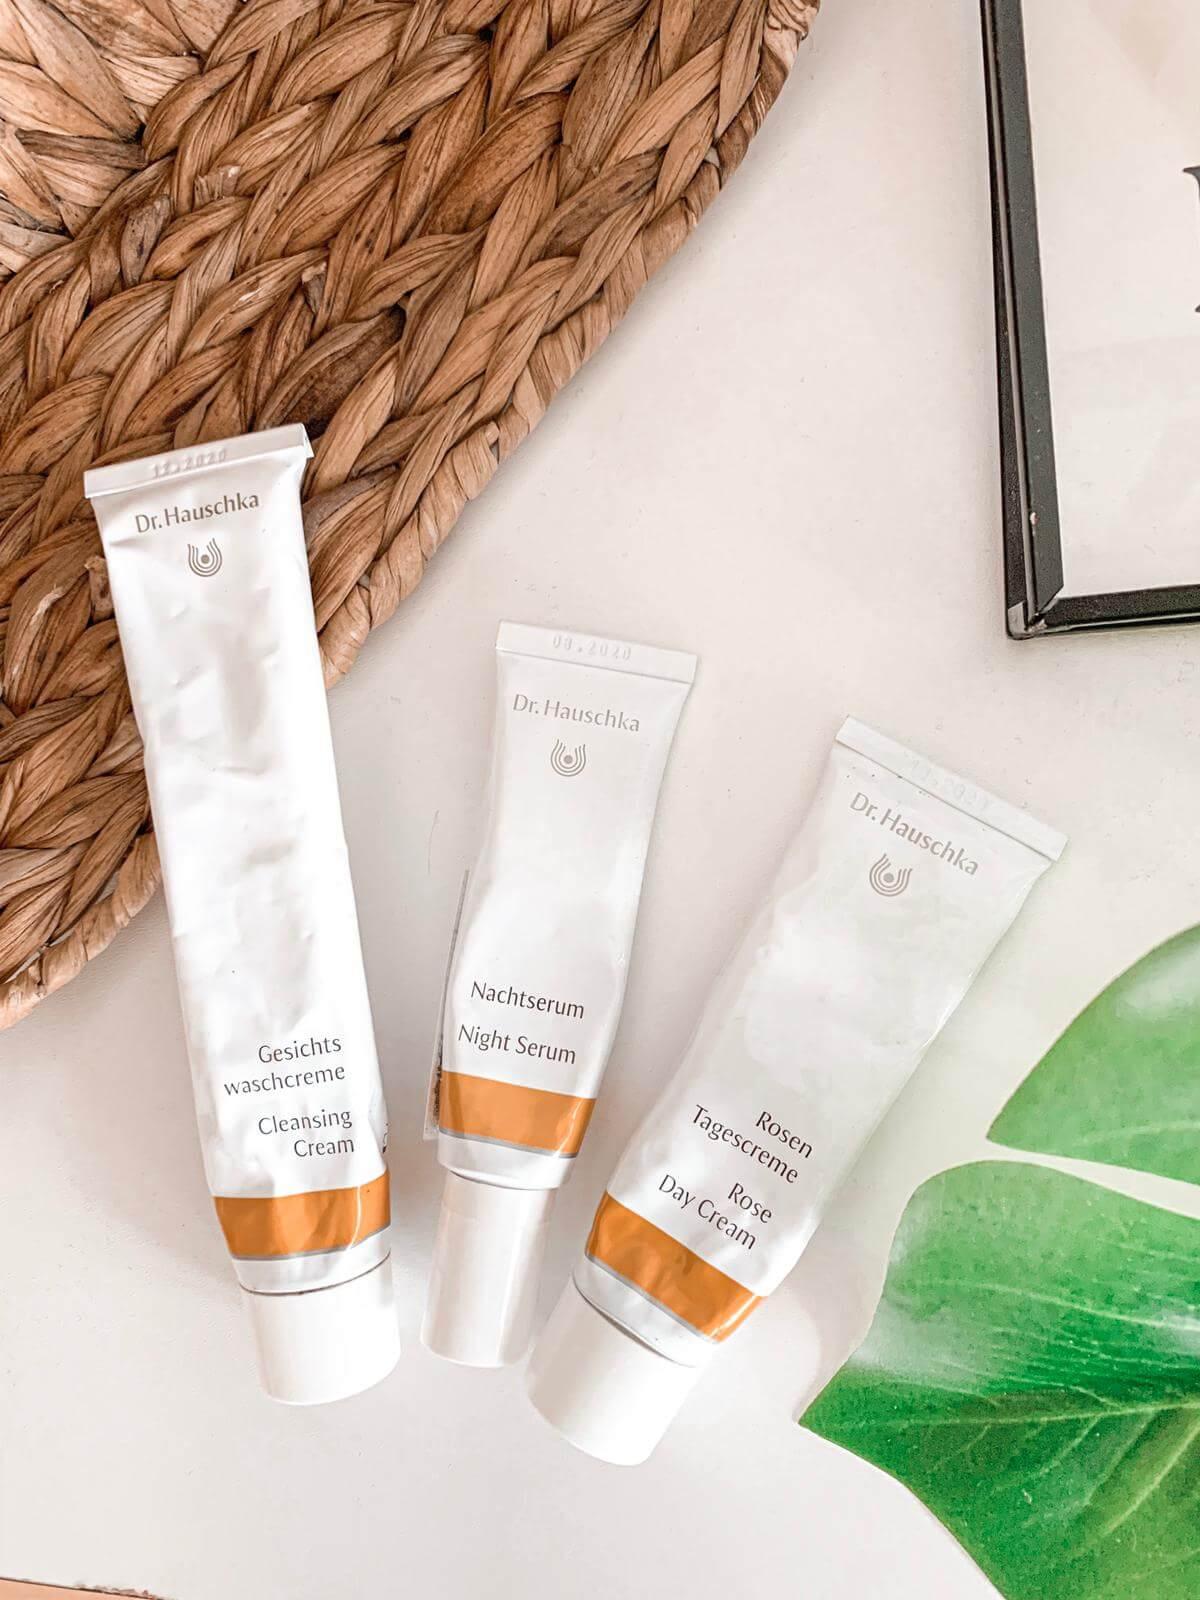 Gesichtspflege - Die besten Tipps zur Pflege bei trockener Haut